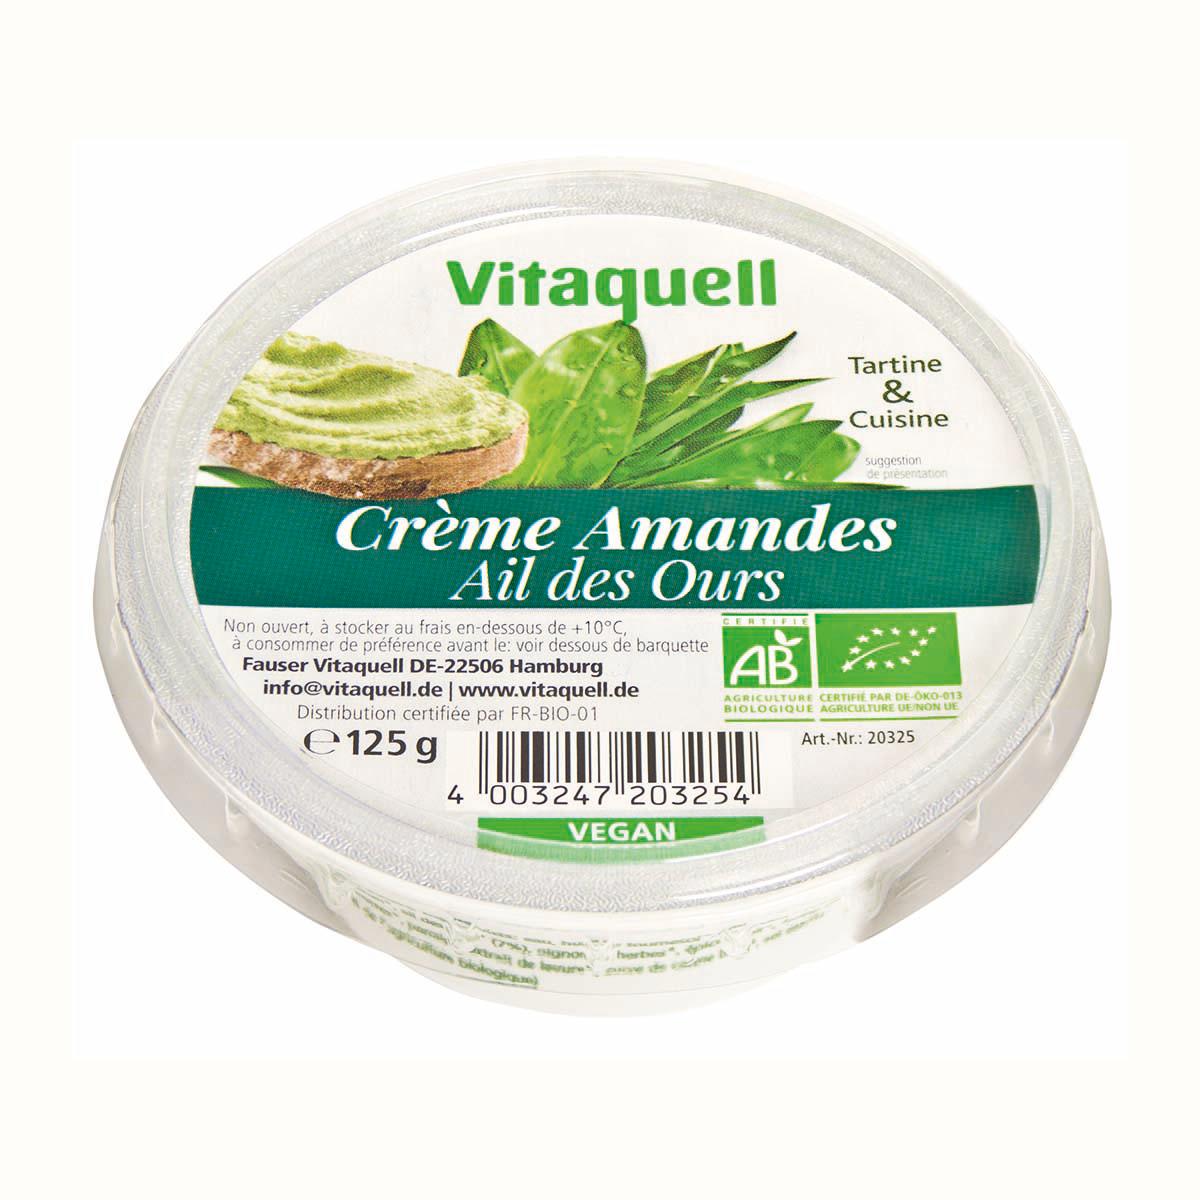 Crème Amandes Ail des Ours